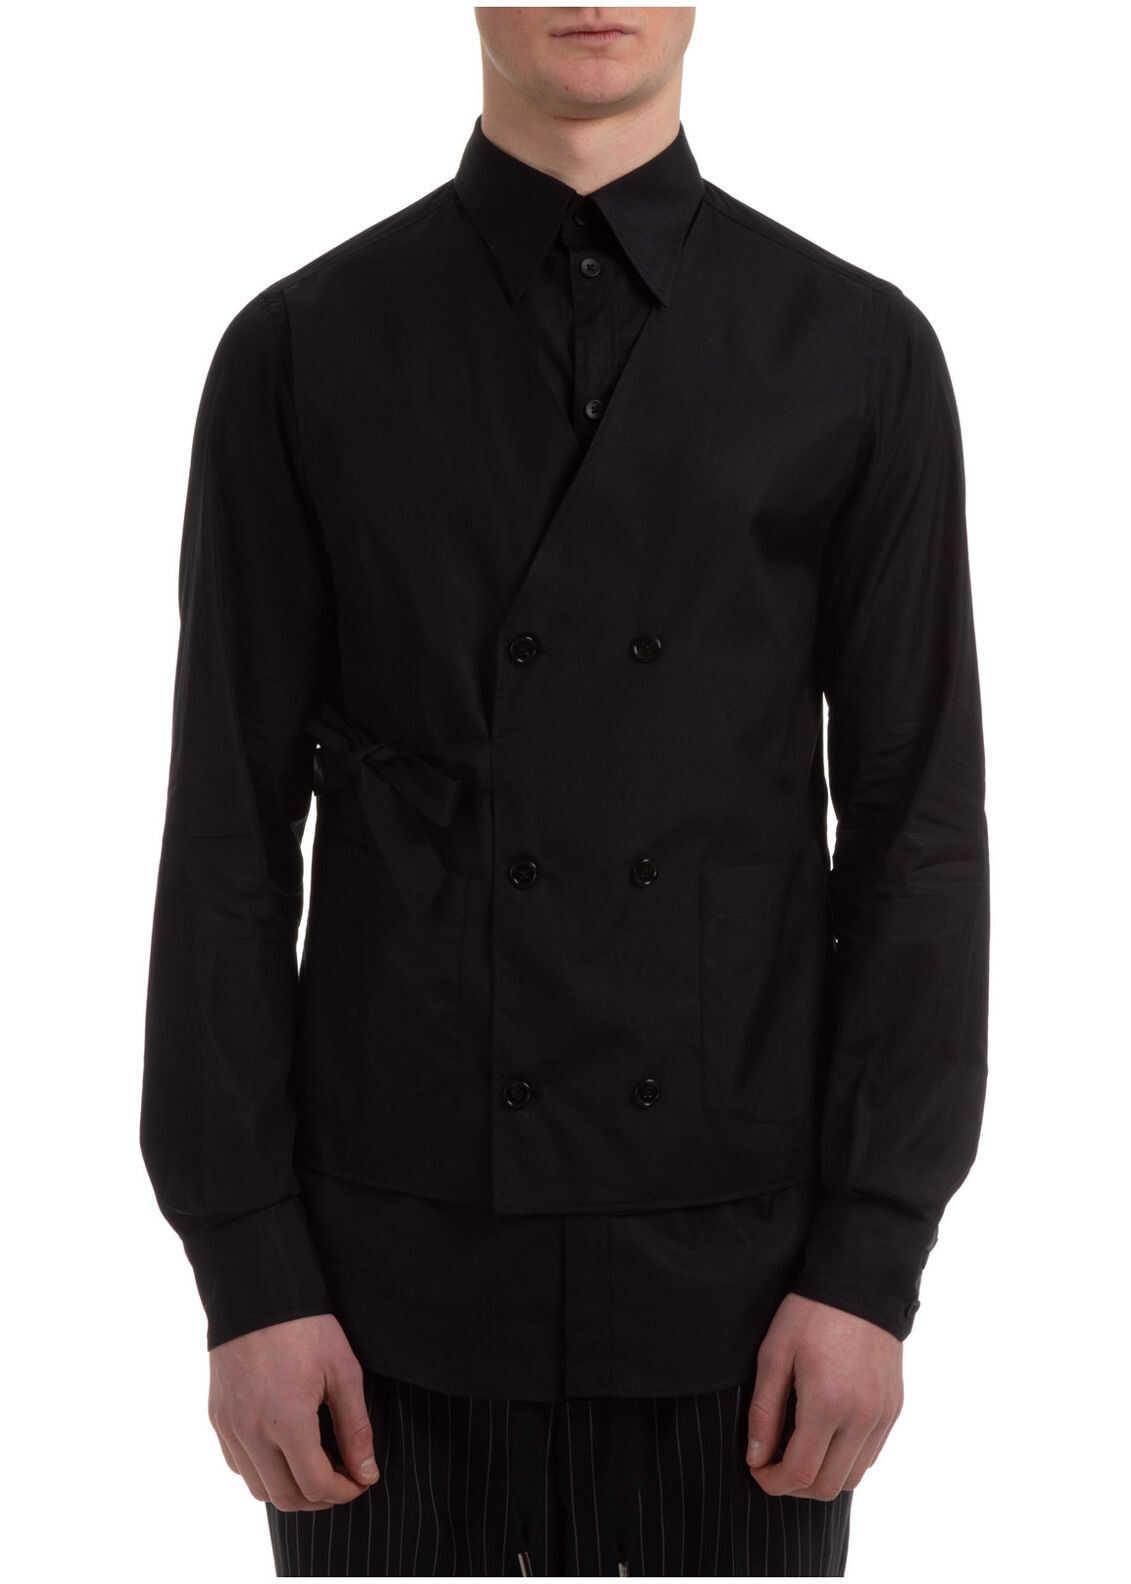 Dolce & Gabbana Dress Shirt Black imagine